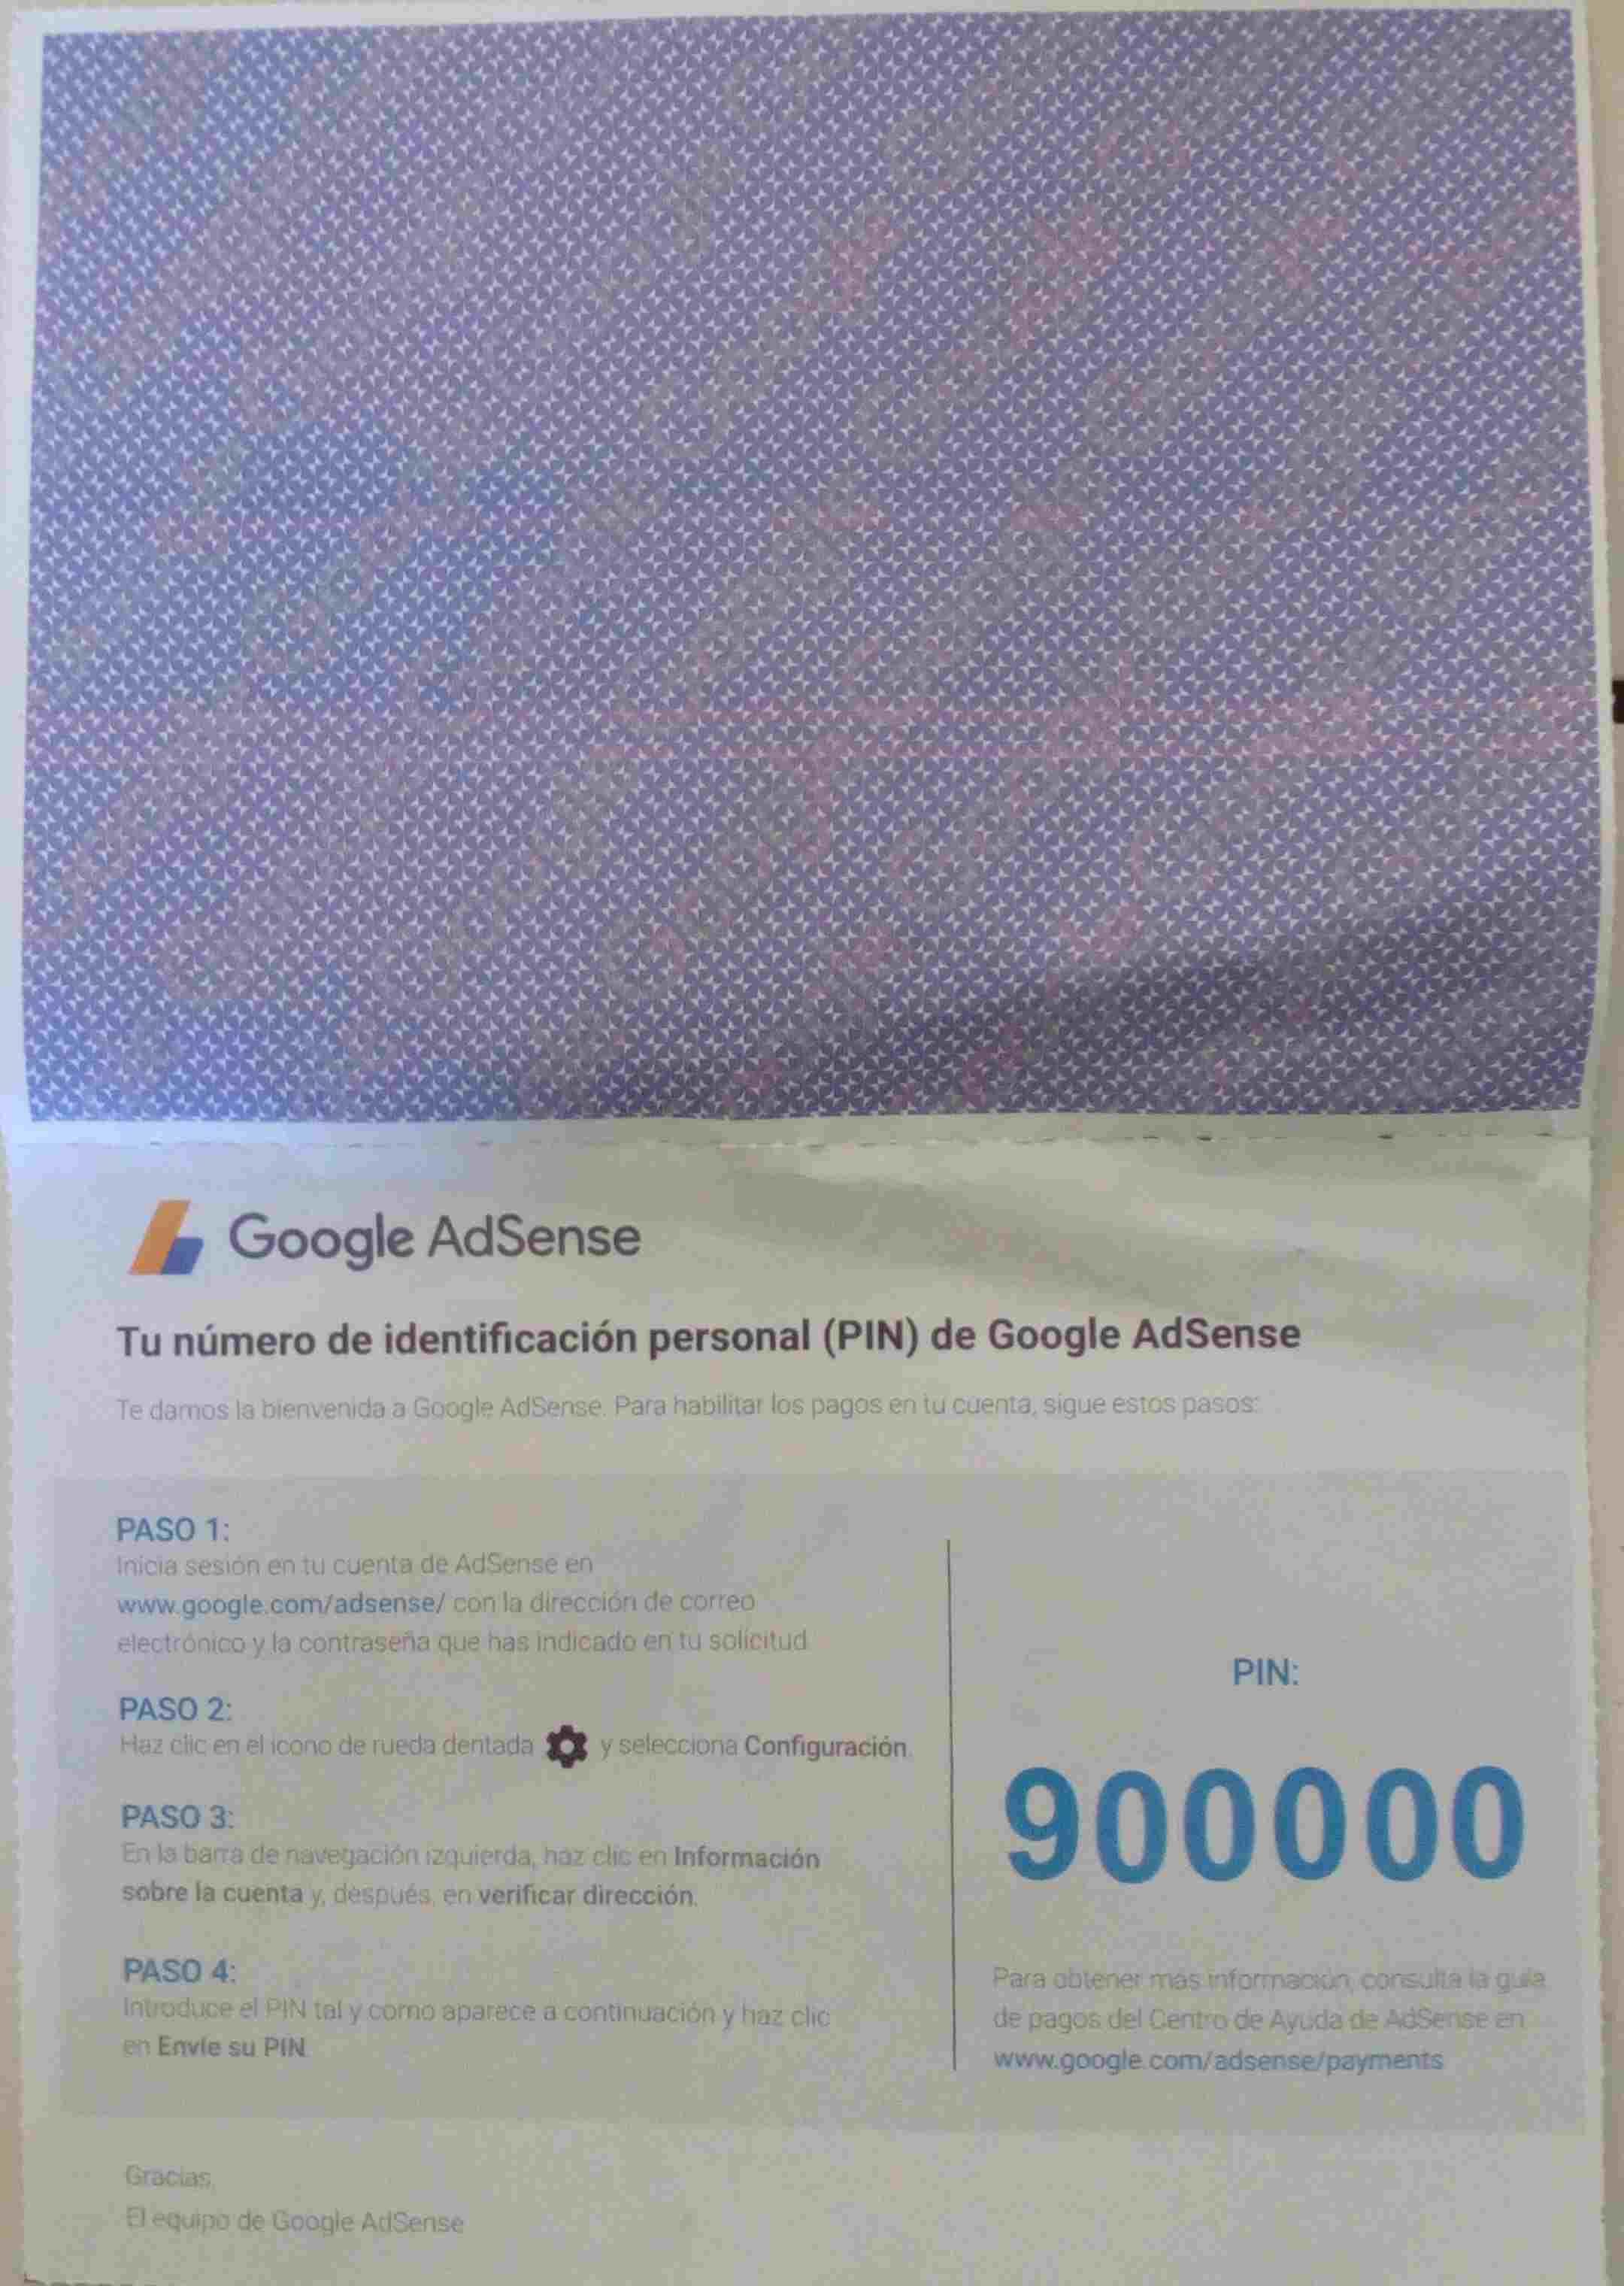 Vista Interna Correo con PIN de Google Adsense